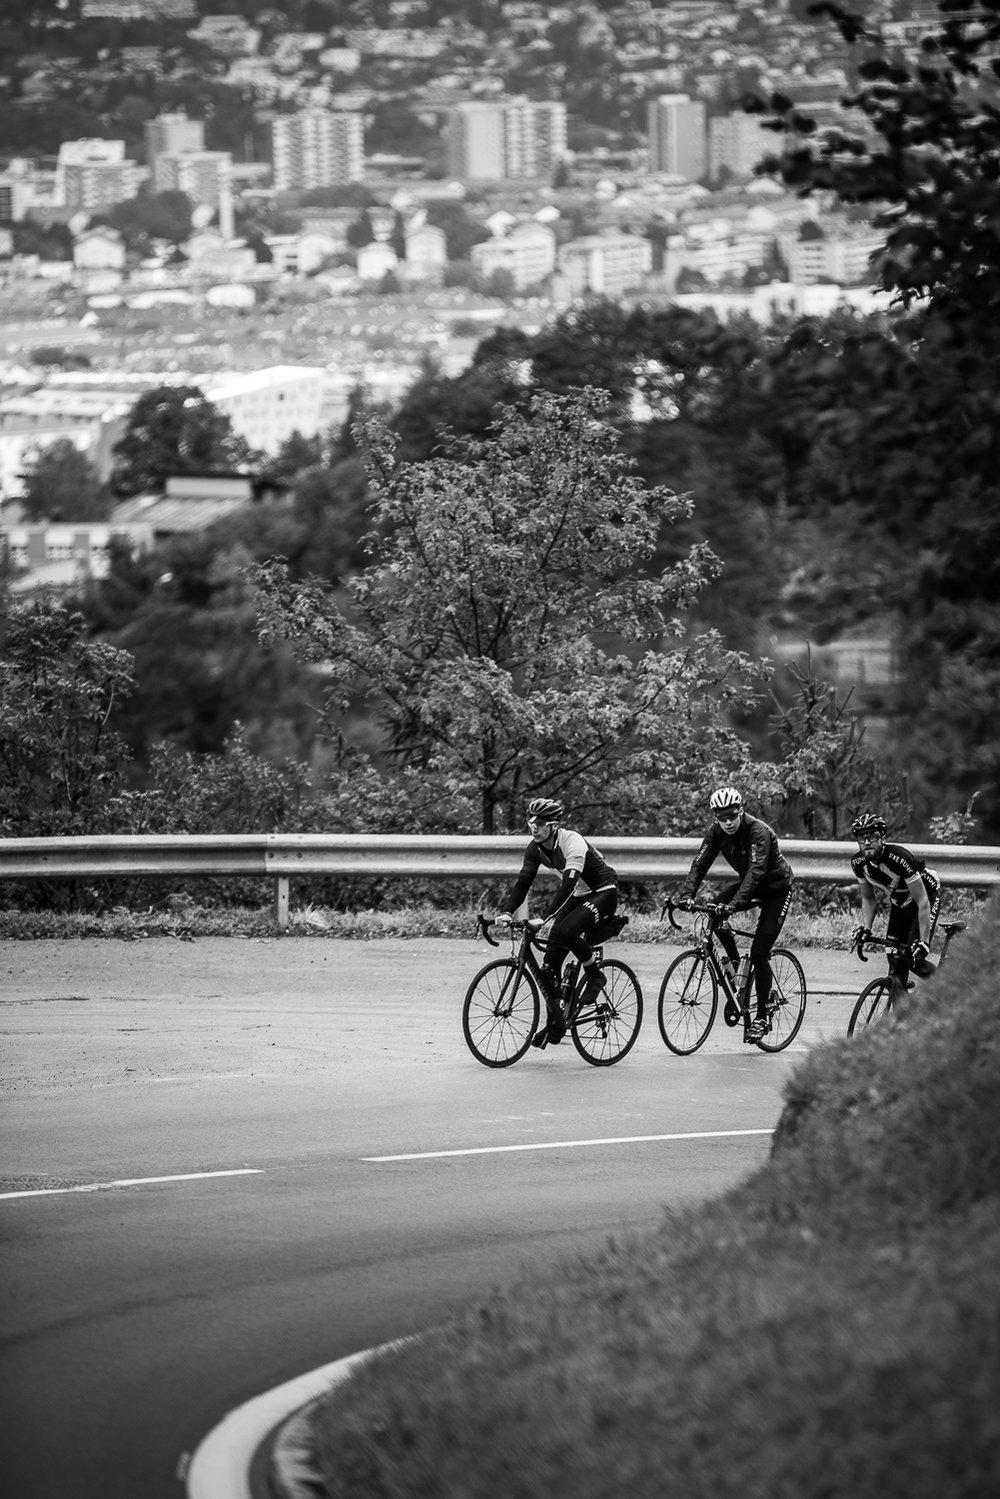 Team Le Cog - Peer- Pic by Chris steinweg